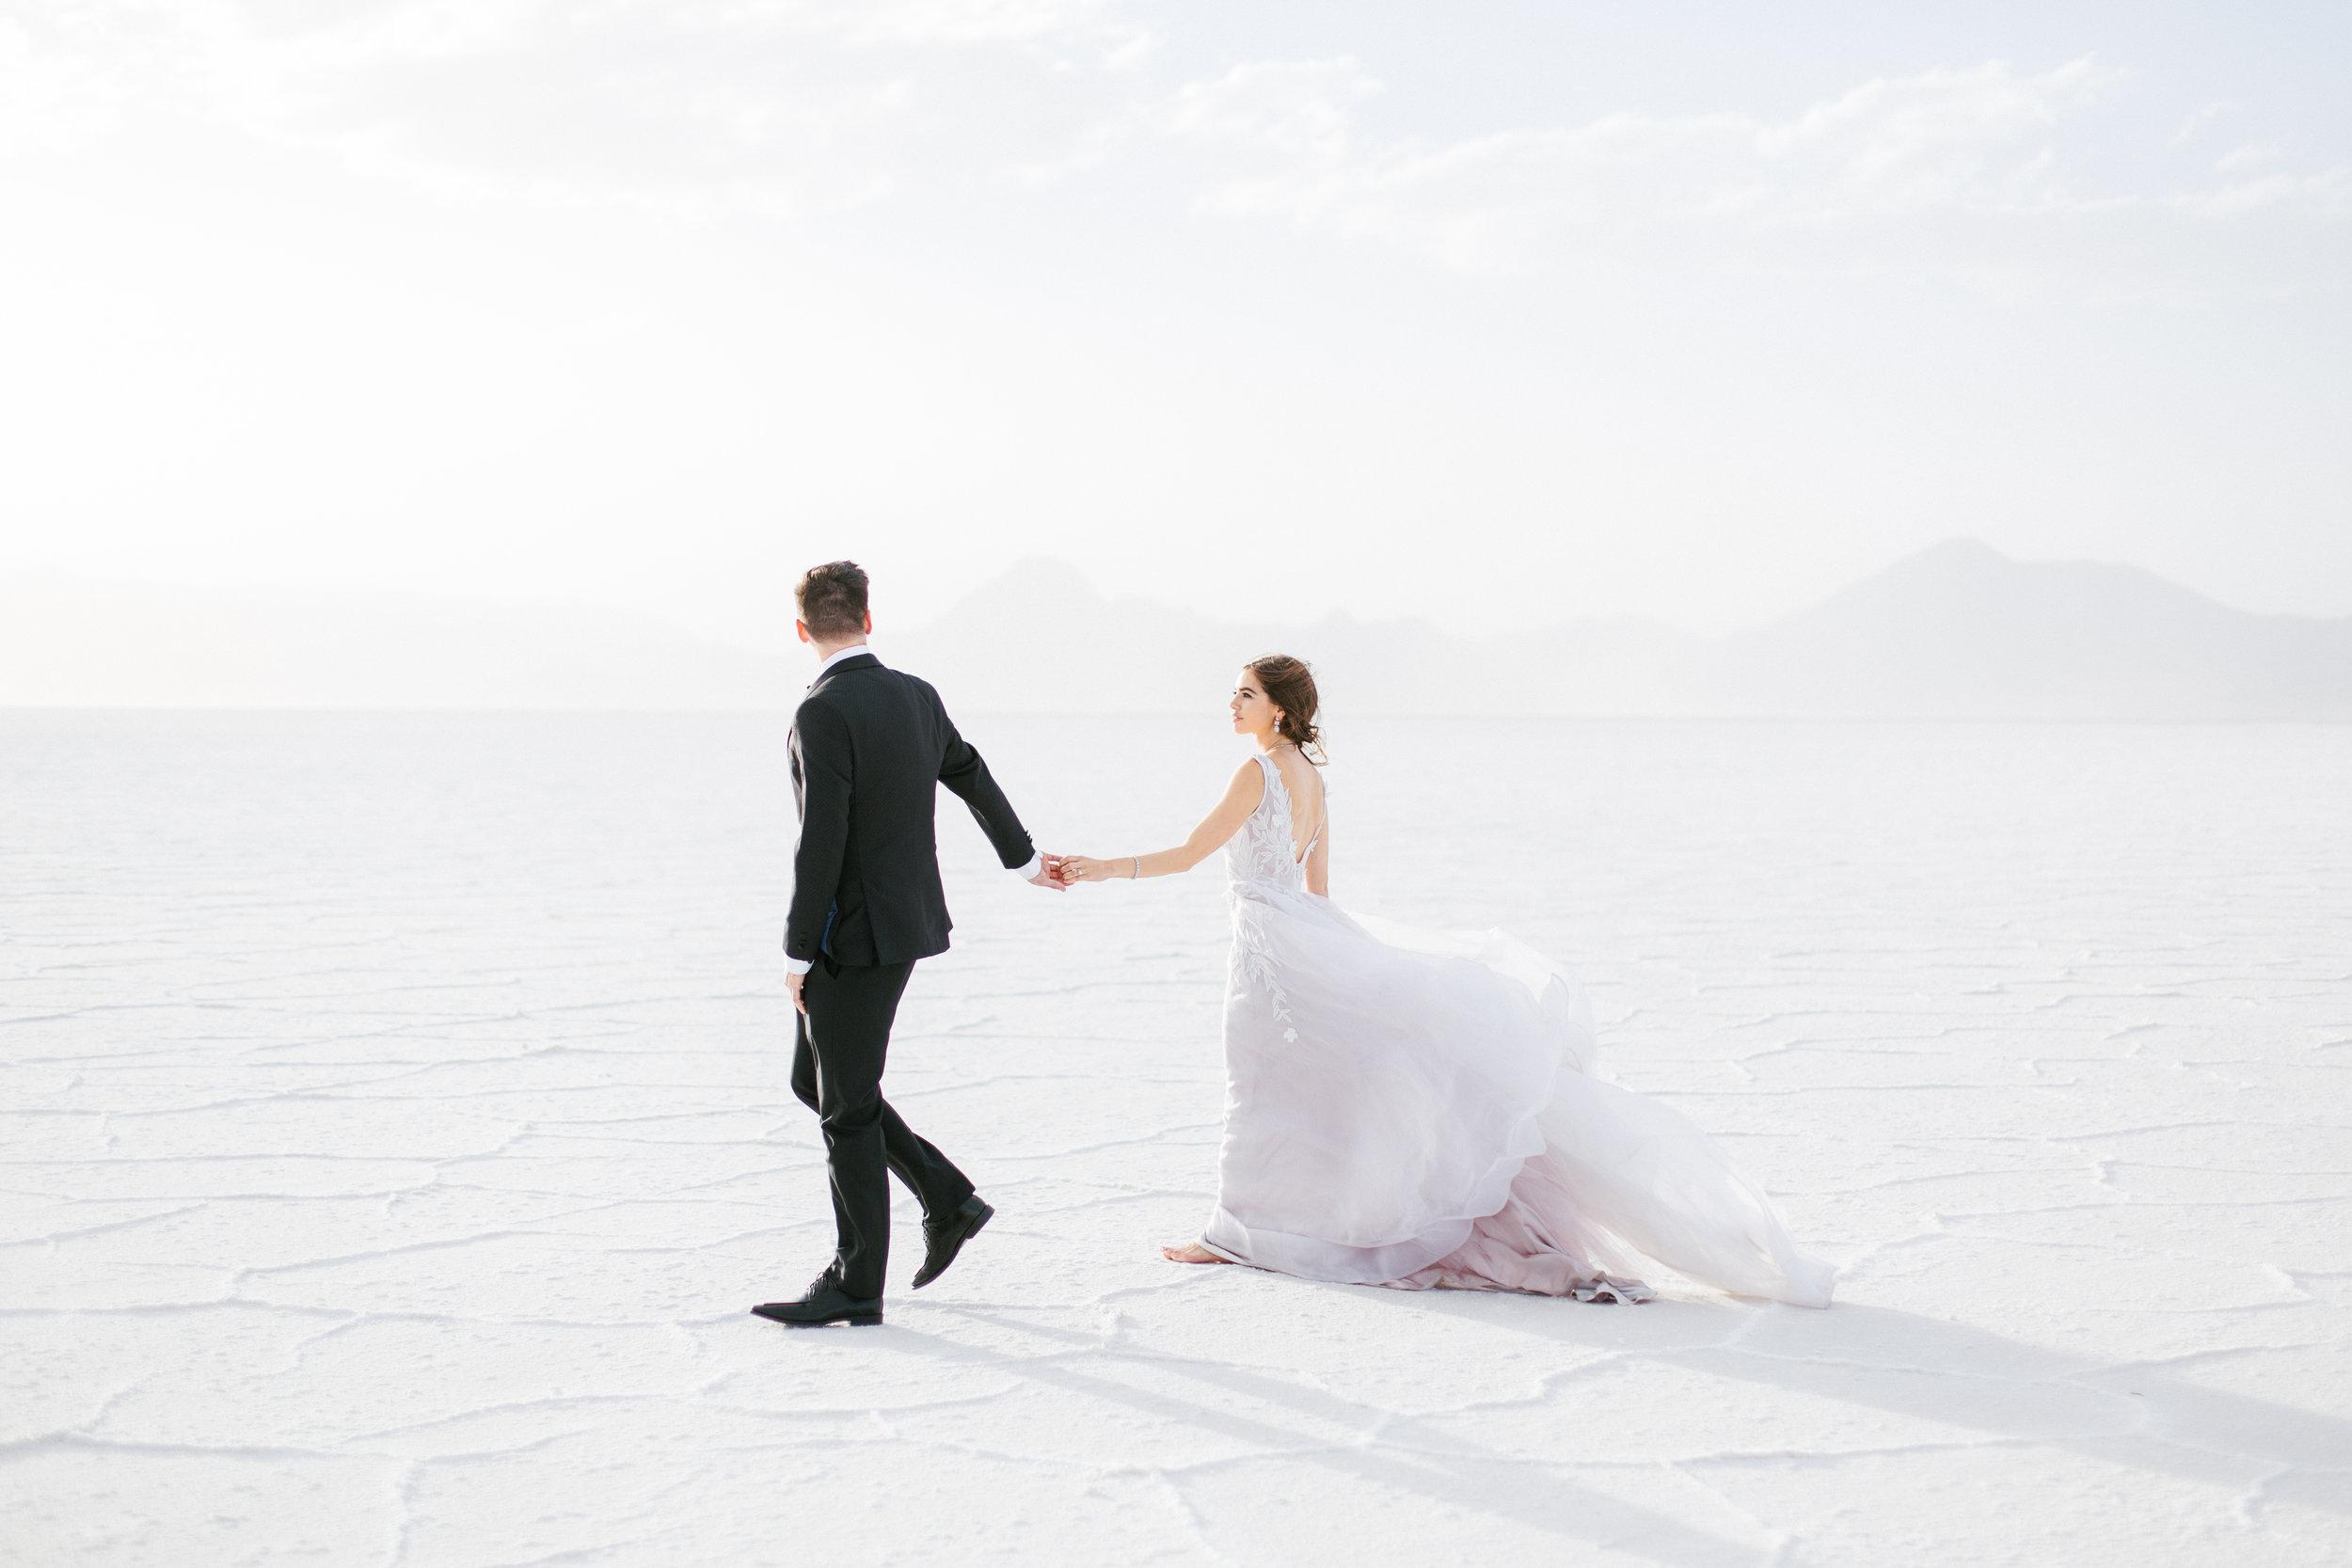 beautiful minimalist outdoor reception wedding couple photoshoot idea 2019